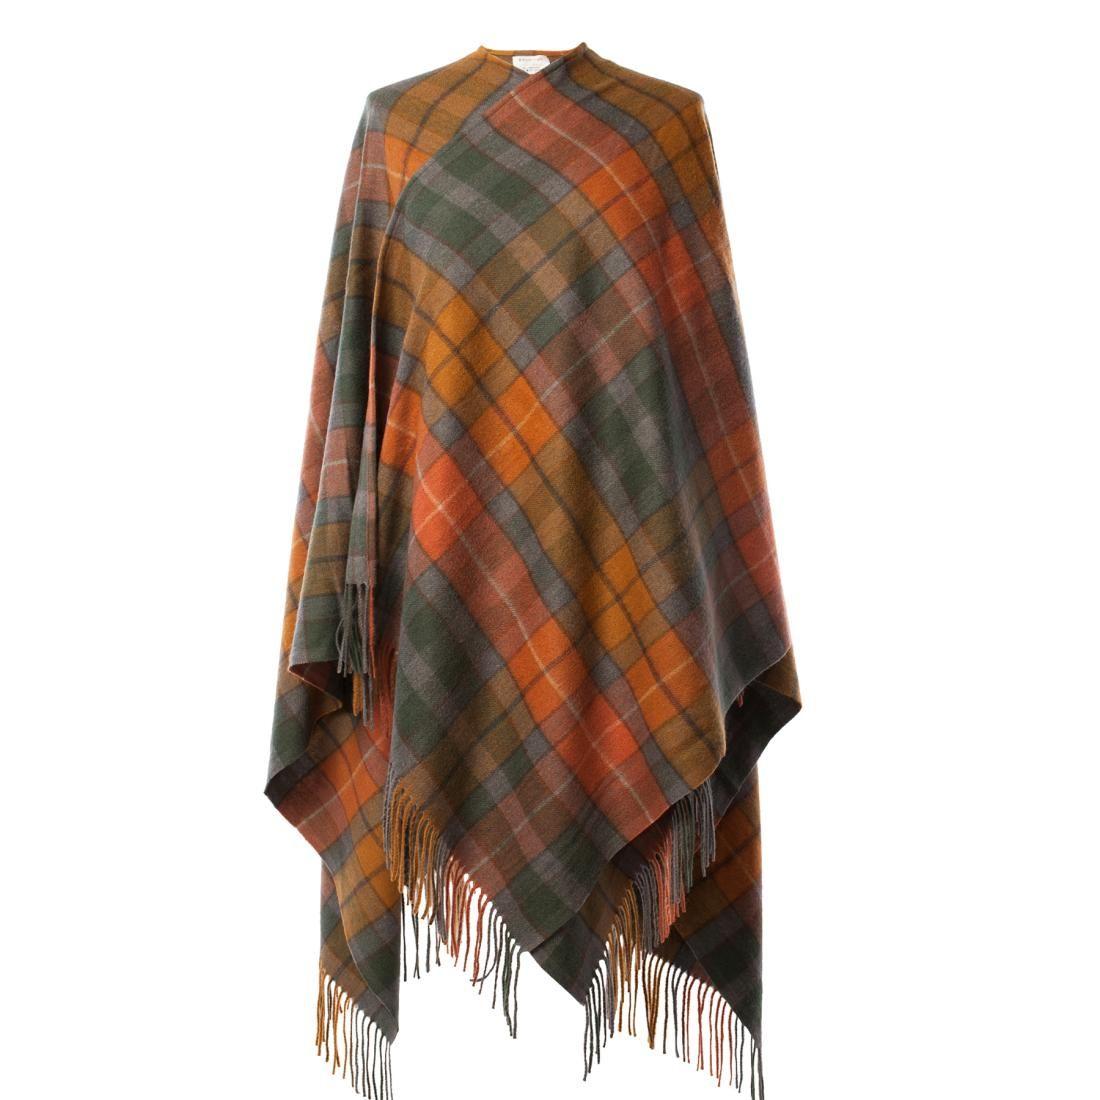 Edinburgh 100/% Lambswool Luxury Scottish Tartan Scarf Buchanan Autumn